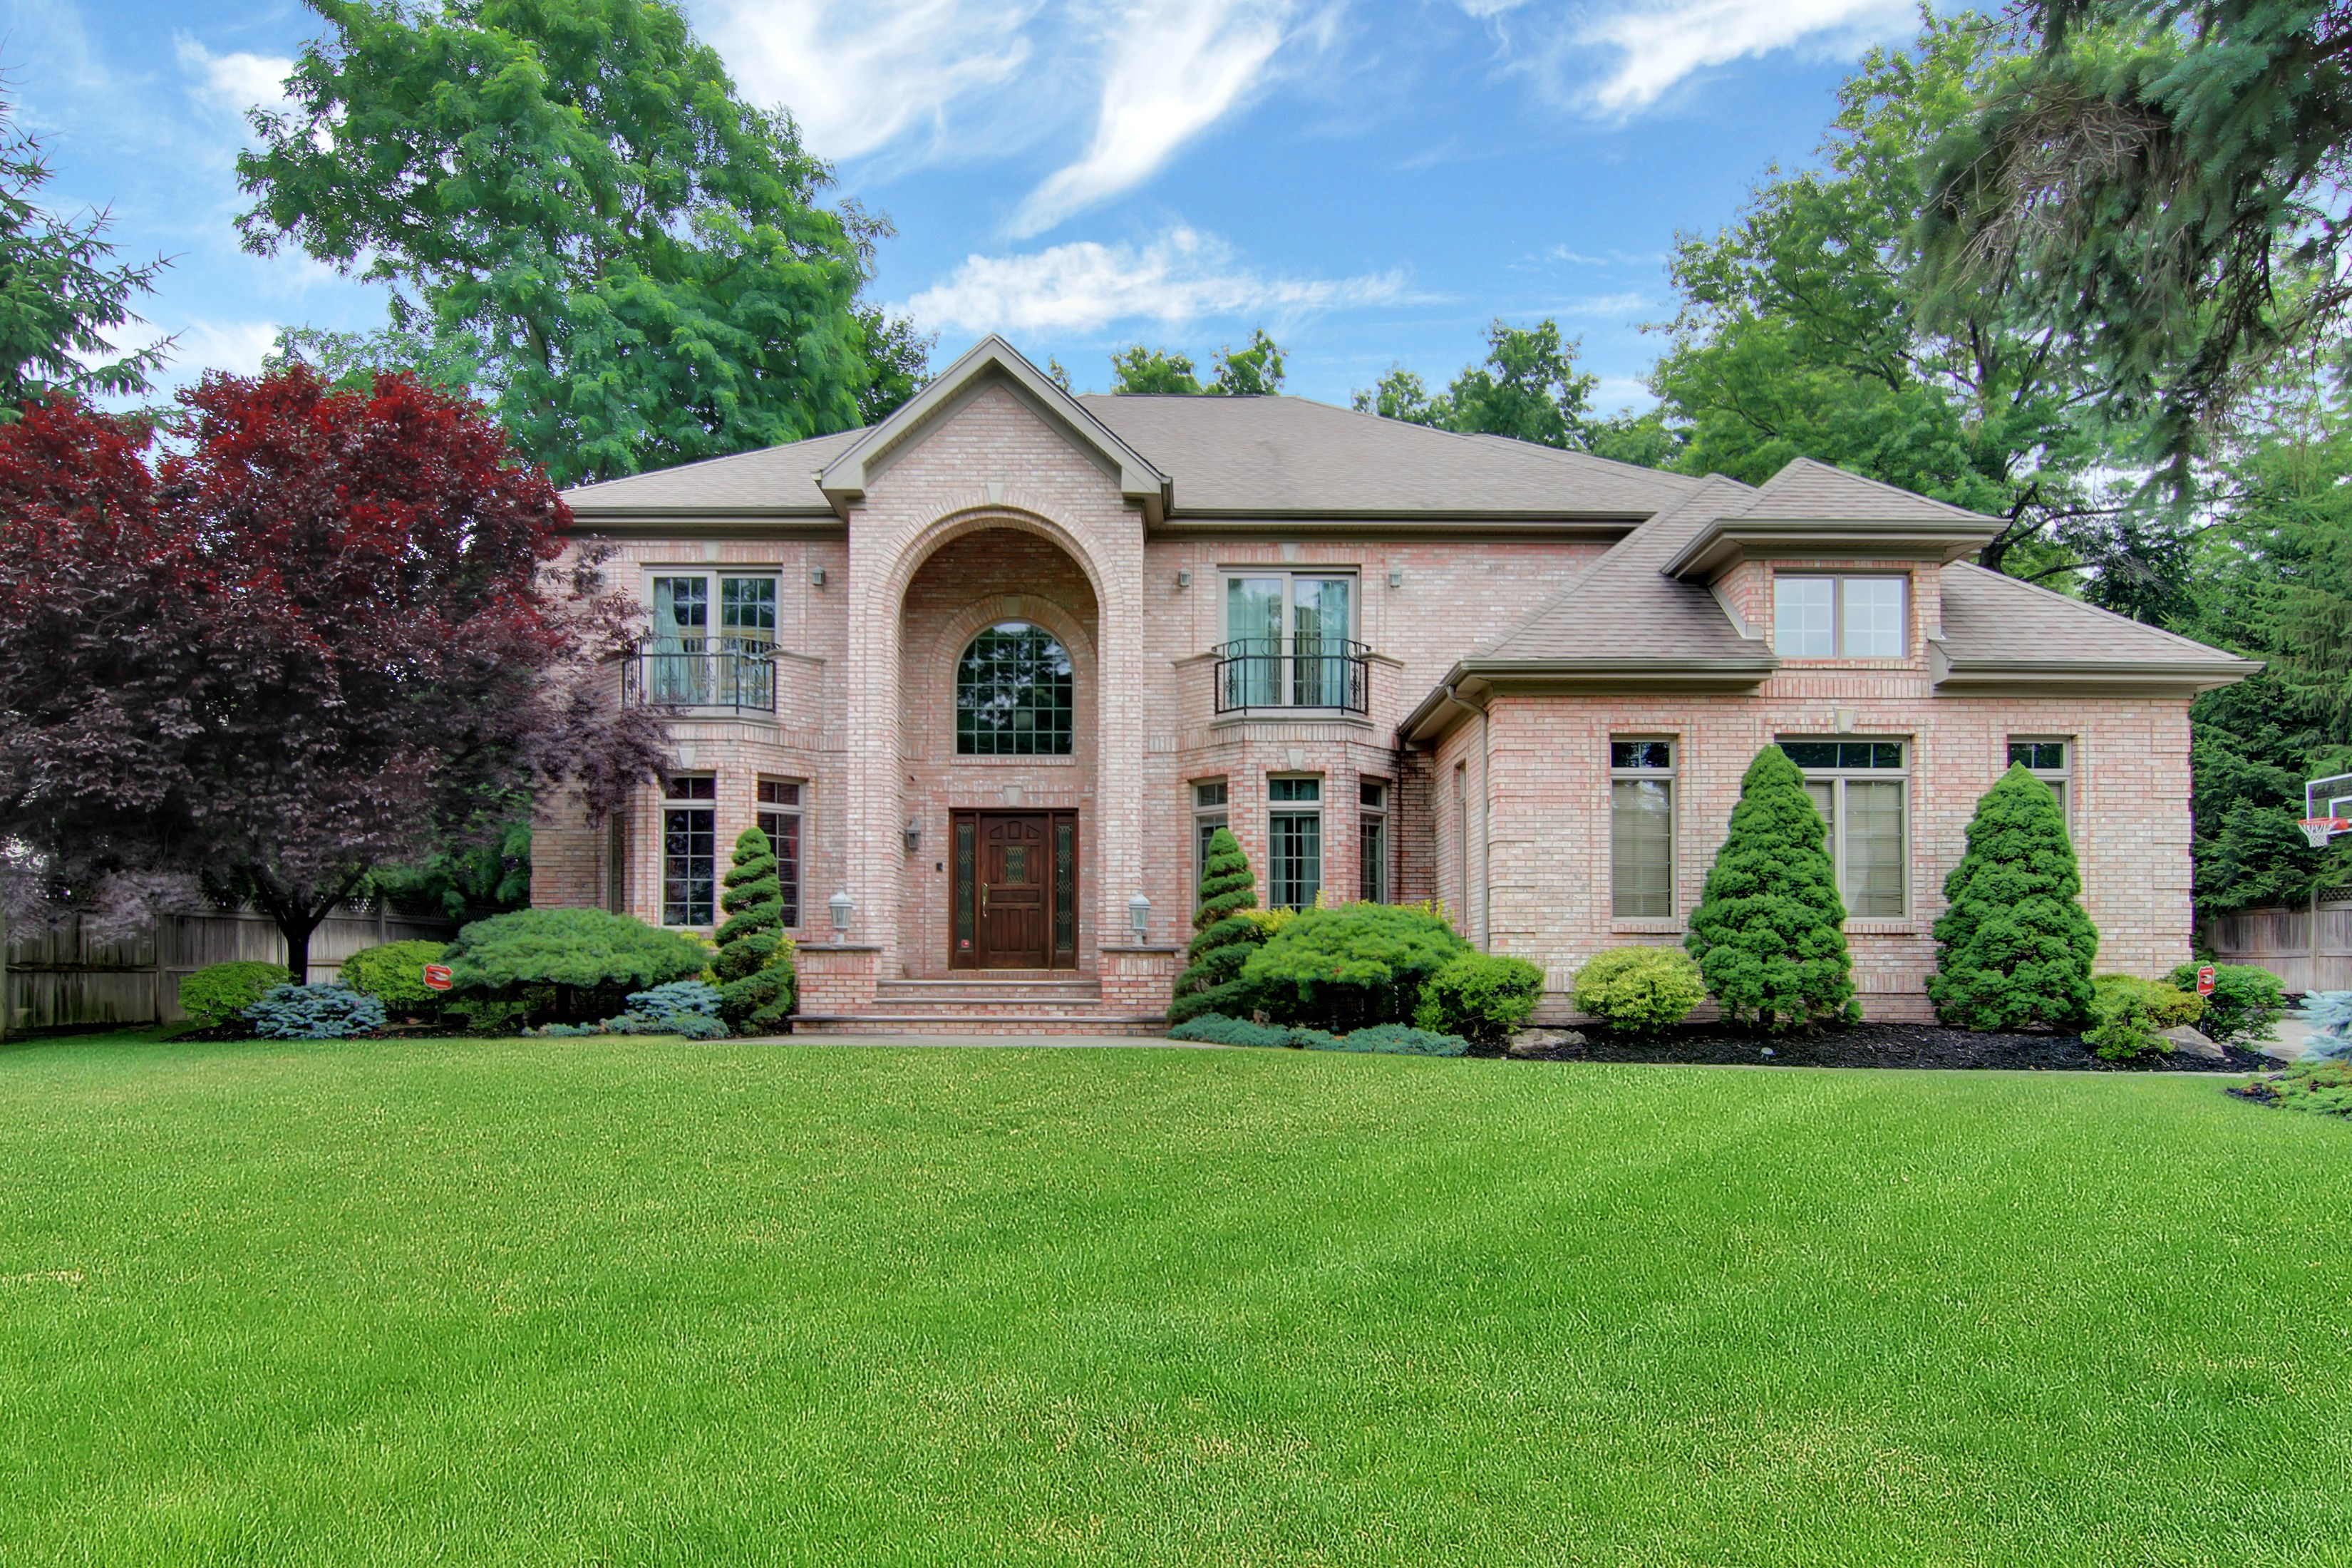 独户住宅 为 销售 在 Prestigious Rental 37 Pinehill Rd 克洛斯特, 新泽西州 07624 美国